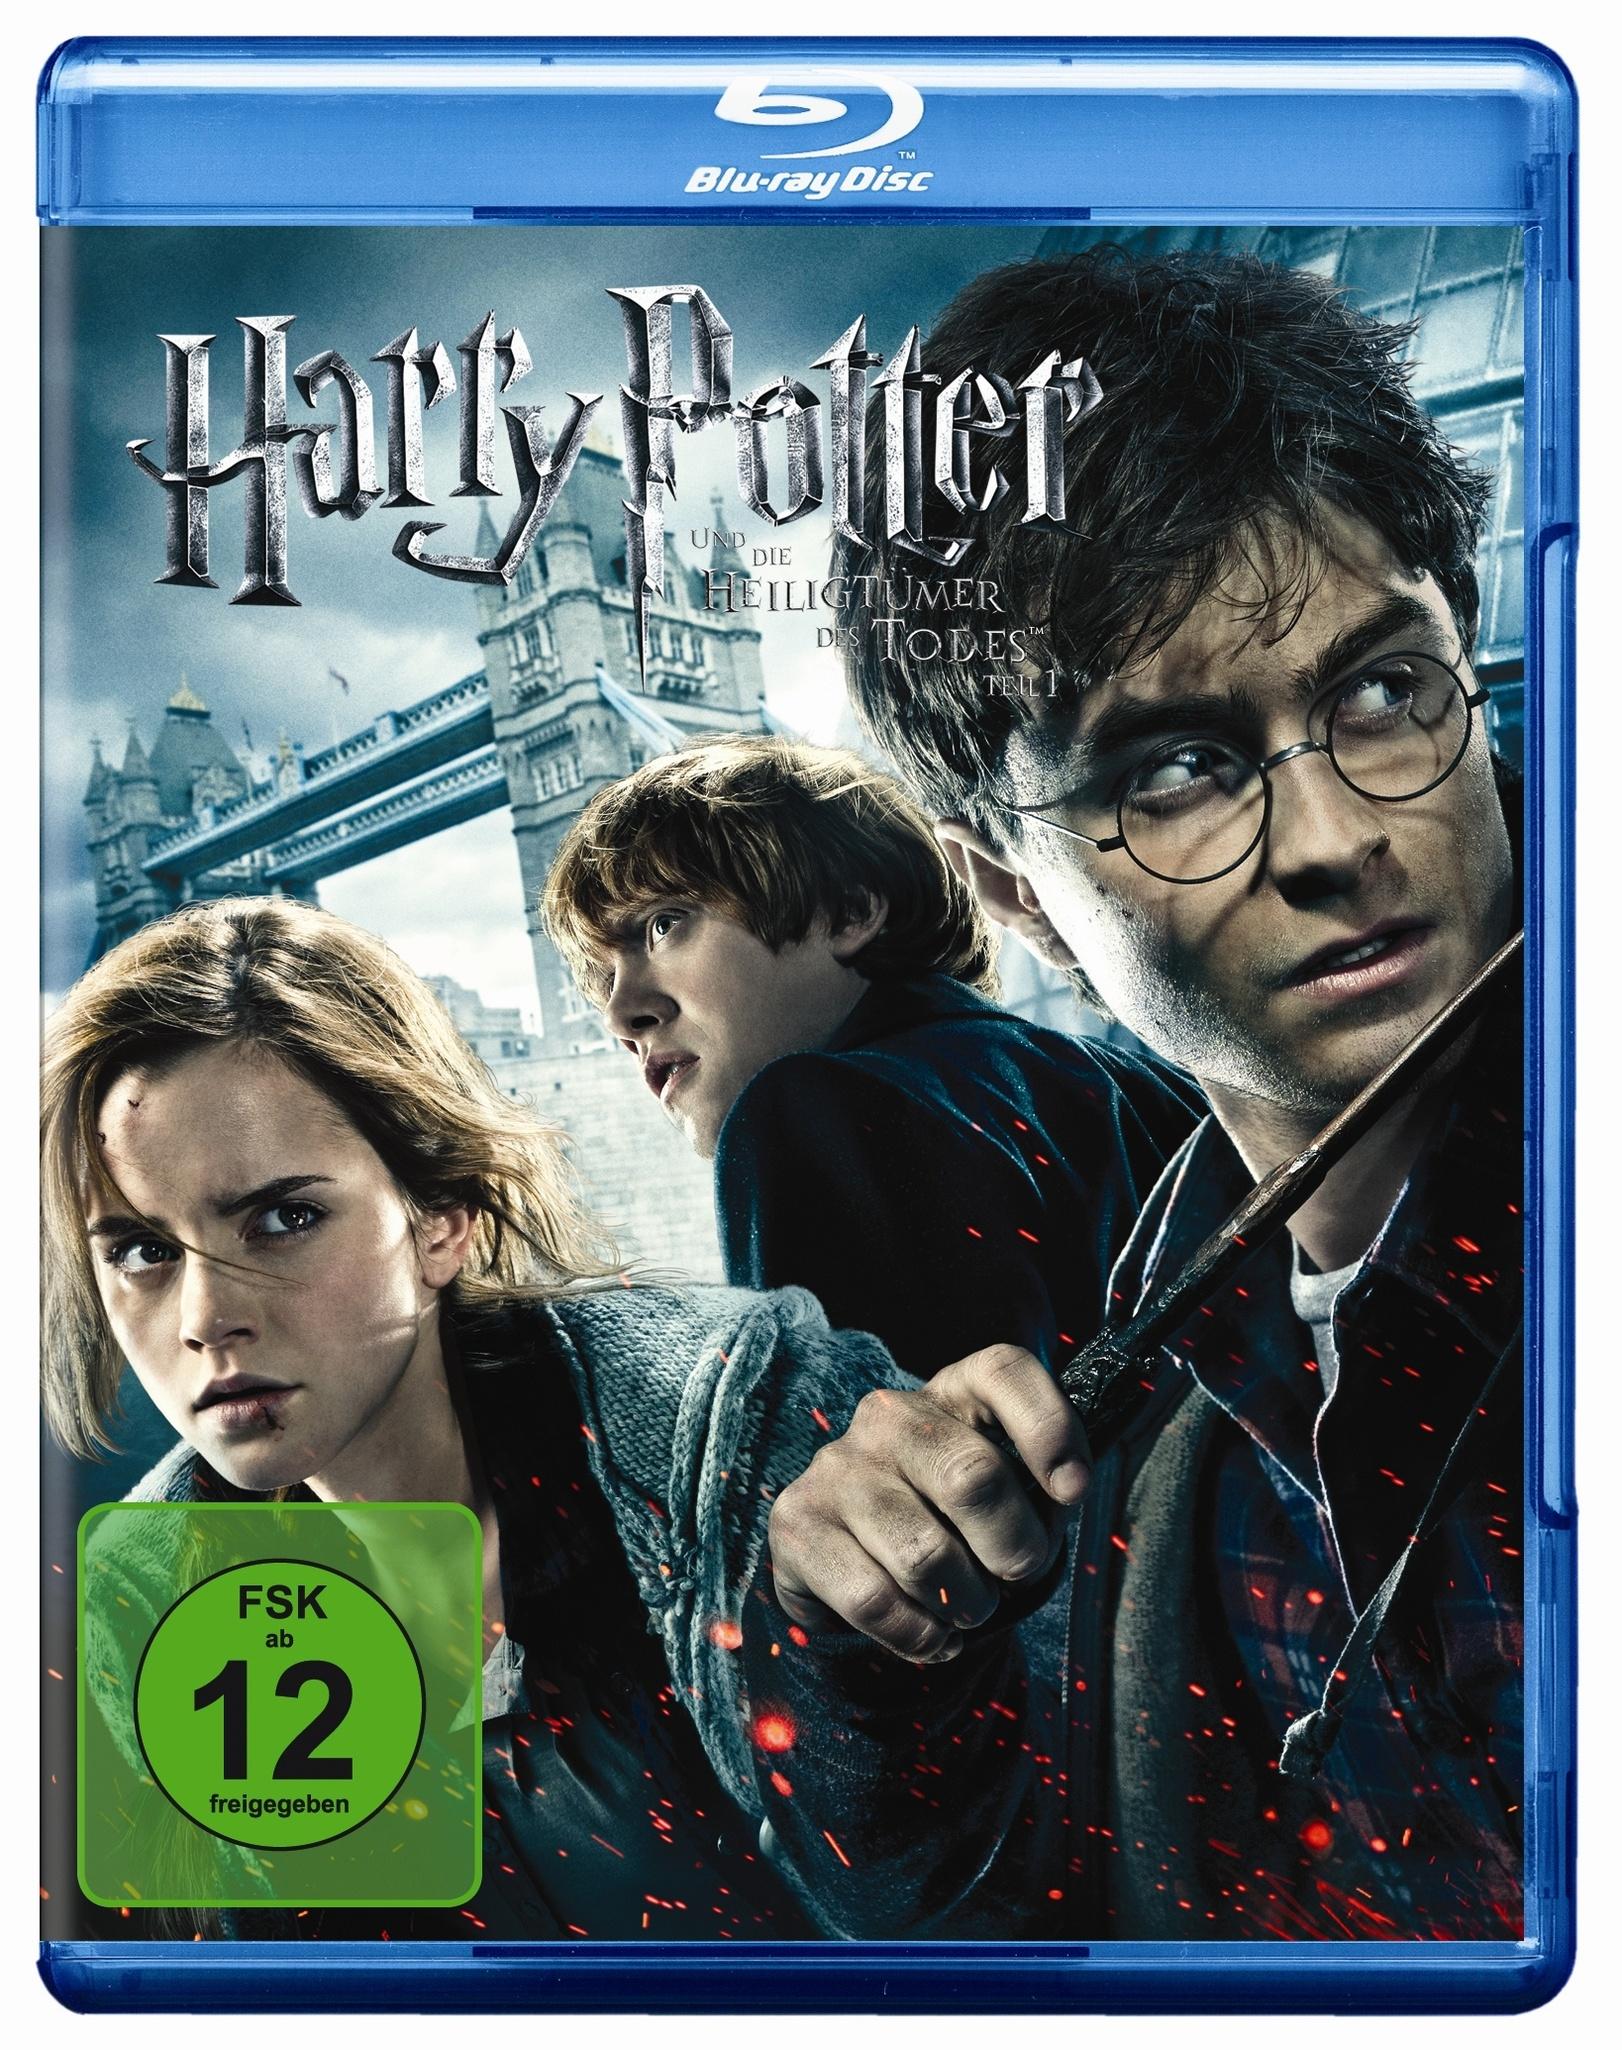 Harry Potter Und Die Heiligtümer Des Todes Teil 1 Hd Stream